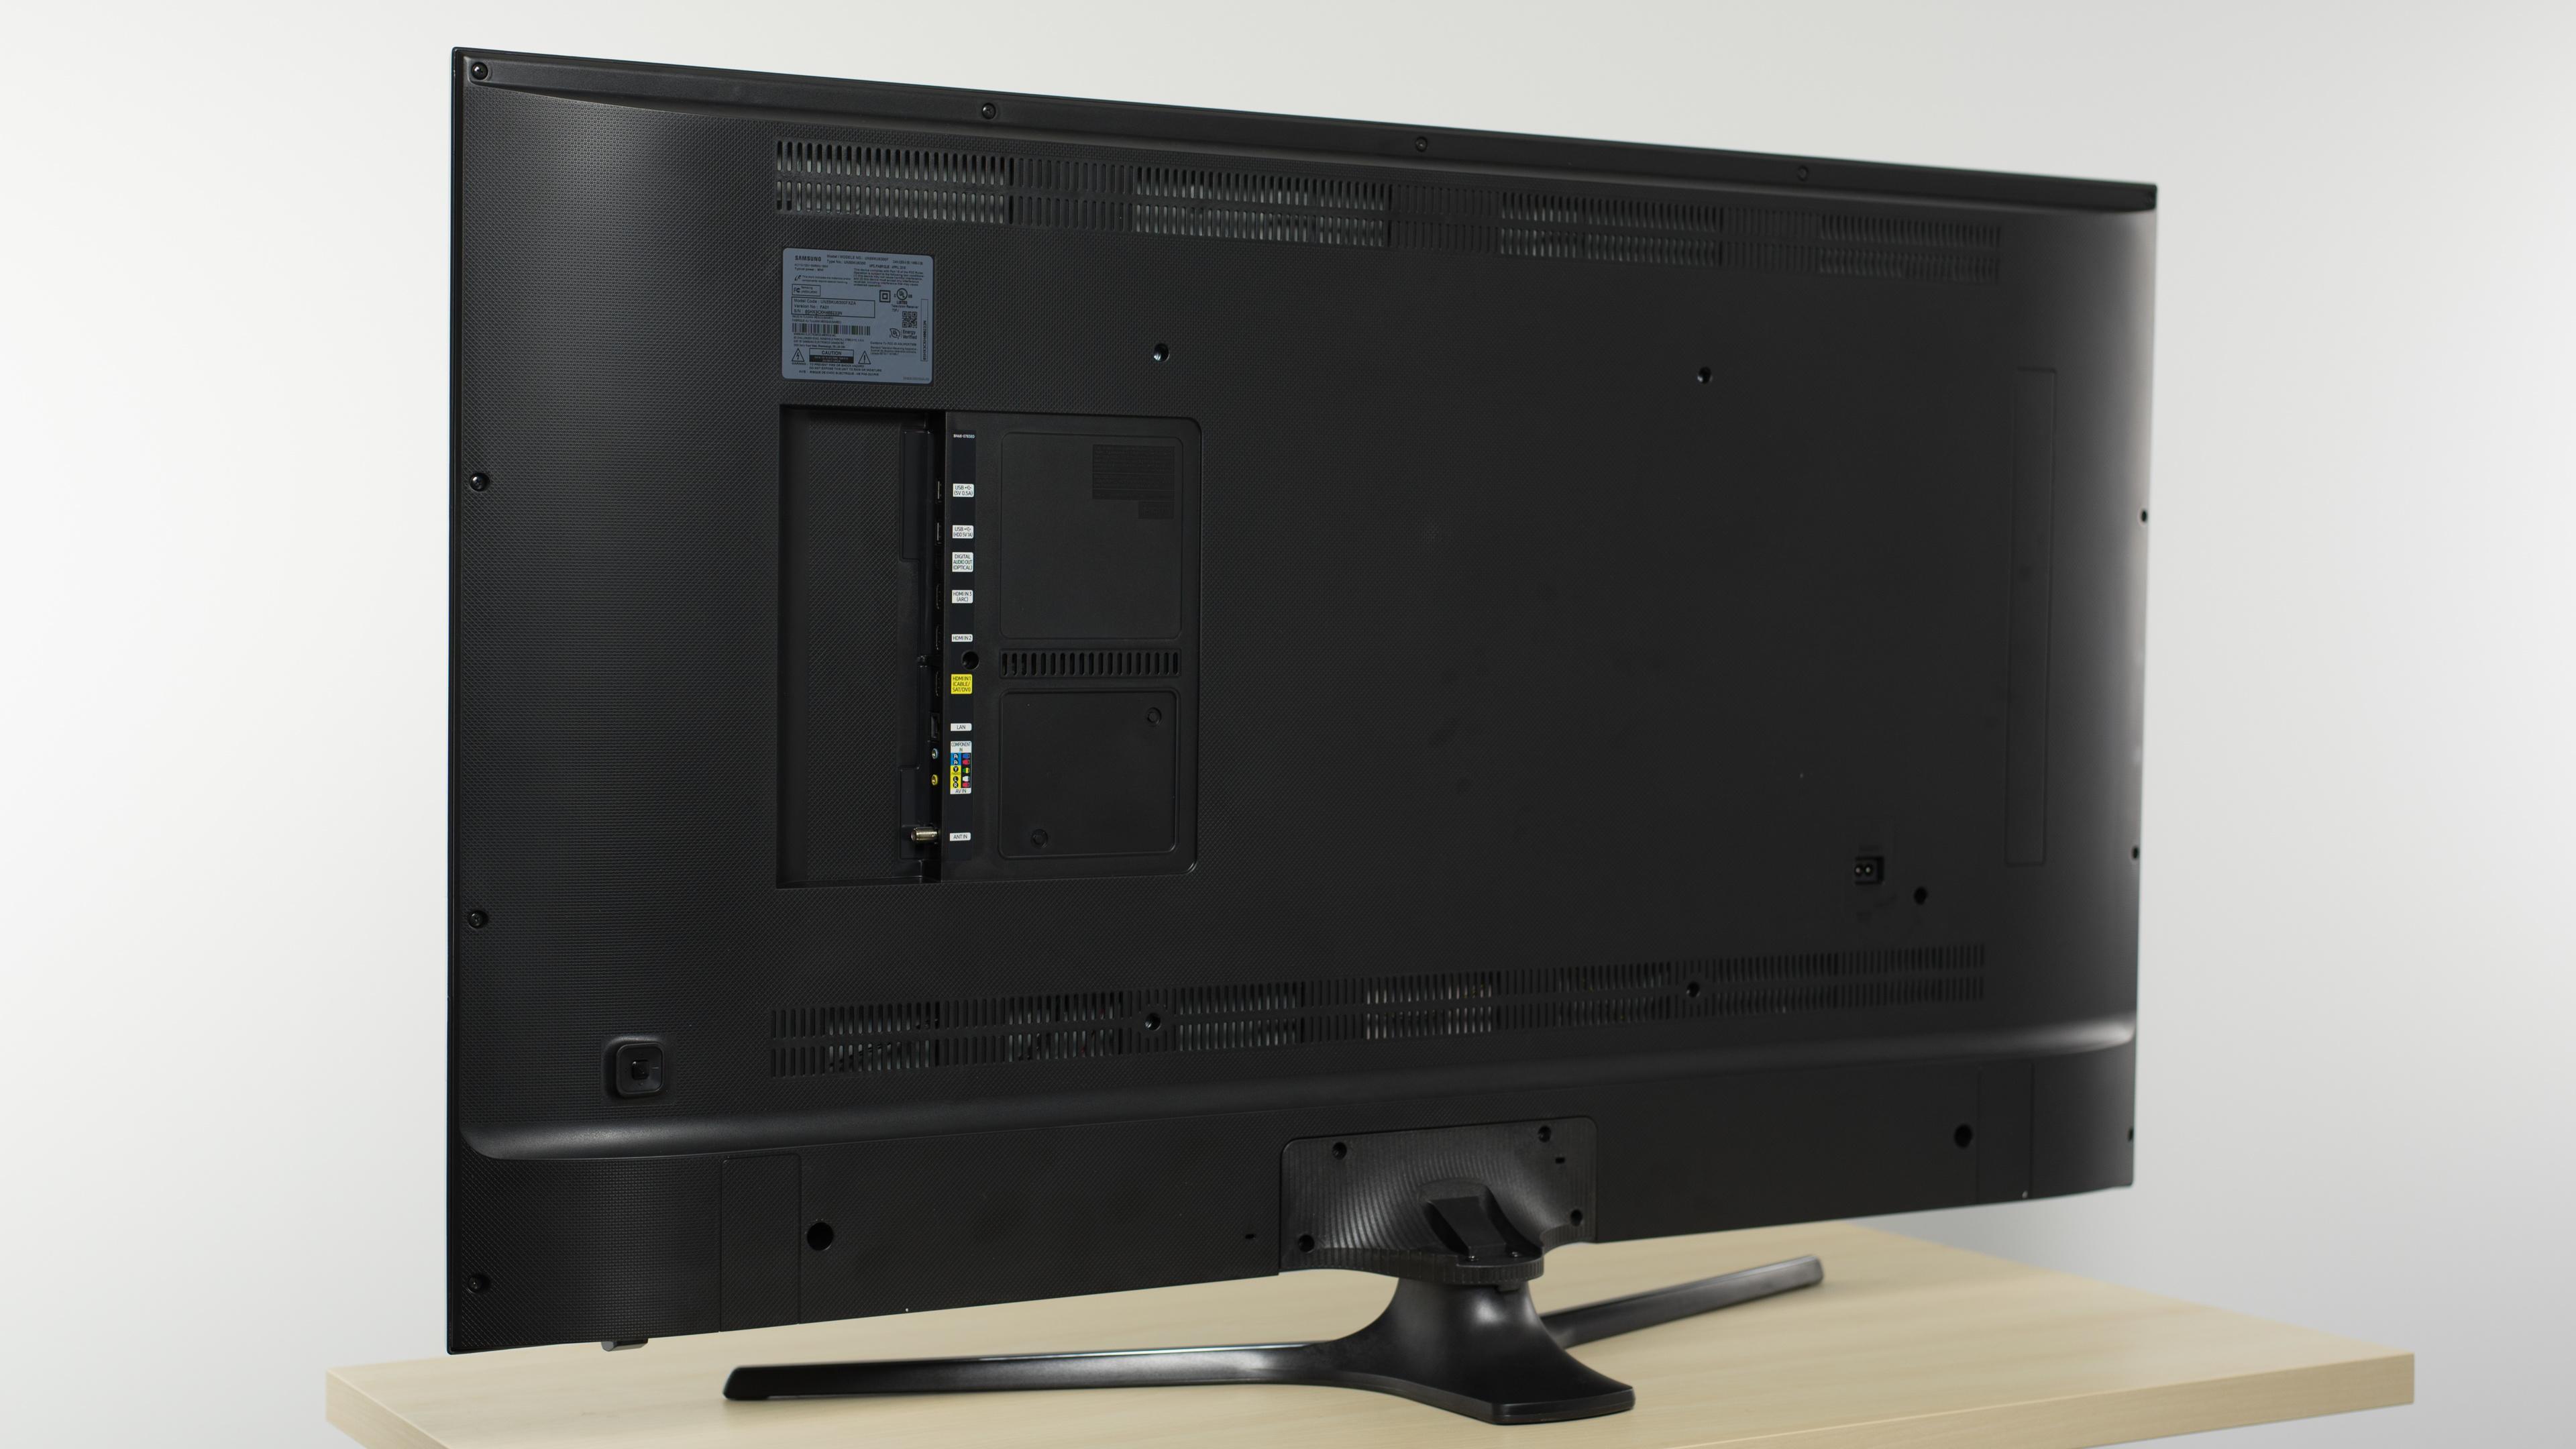 Samsung Ku6300 Review Un40ku6300 Un43ku6300 Un50ku6300